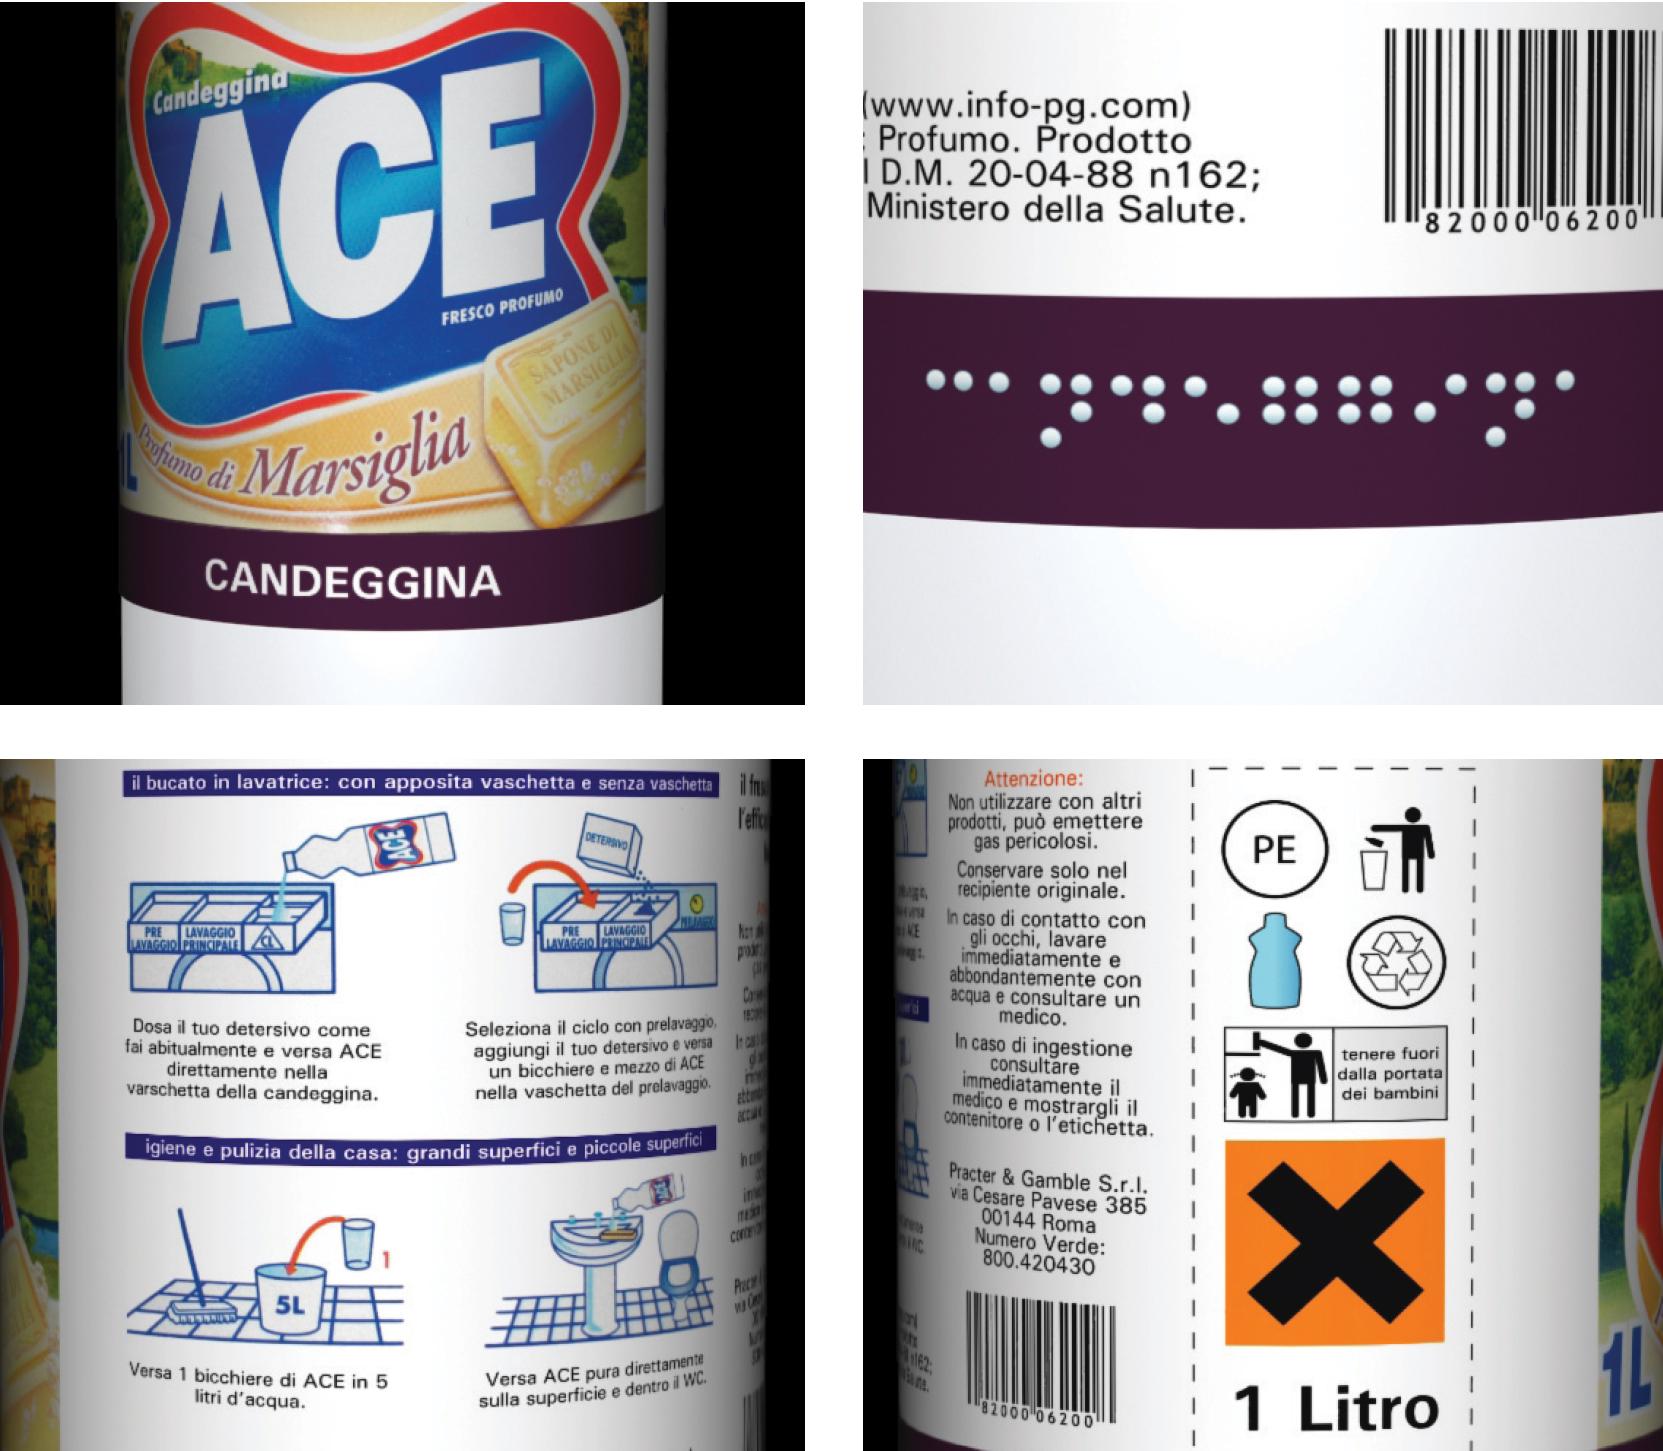 Packaging design archive informazioni per tutti for Design per tutti